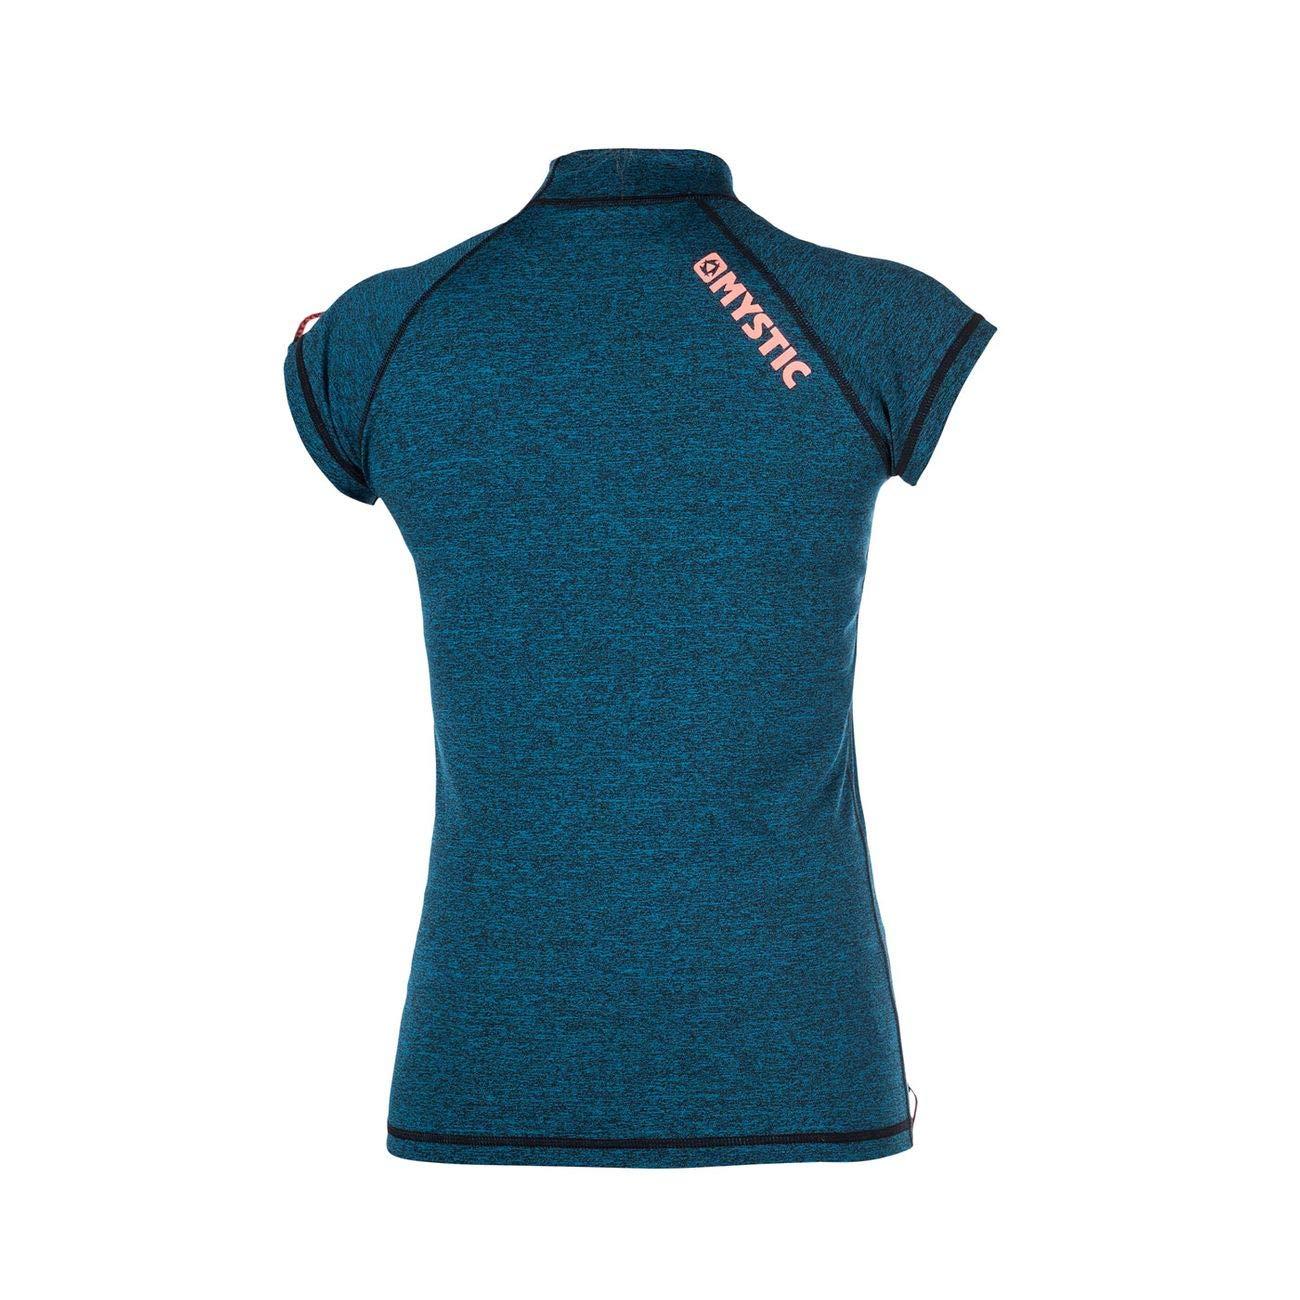 Surf Kitesurf /& Windsurfen Frauen Stern Short Sleeve Schnell Dry Leicht Rash Vest Top Teal Mystic Wassersport